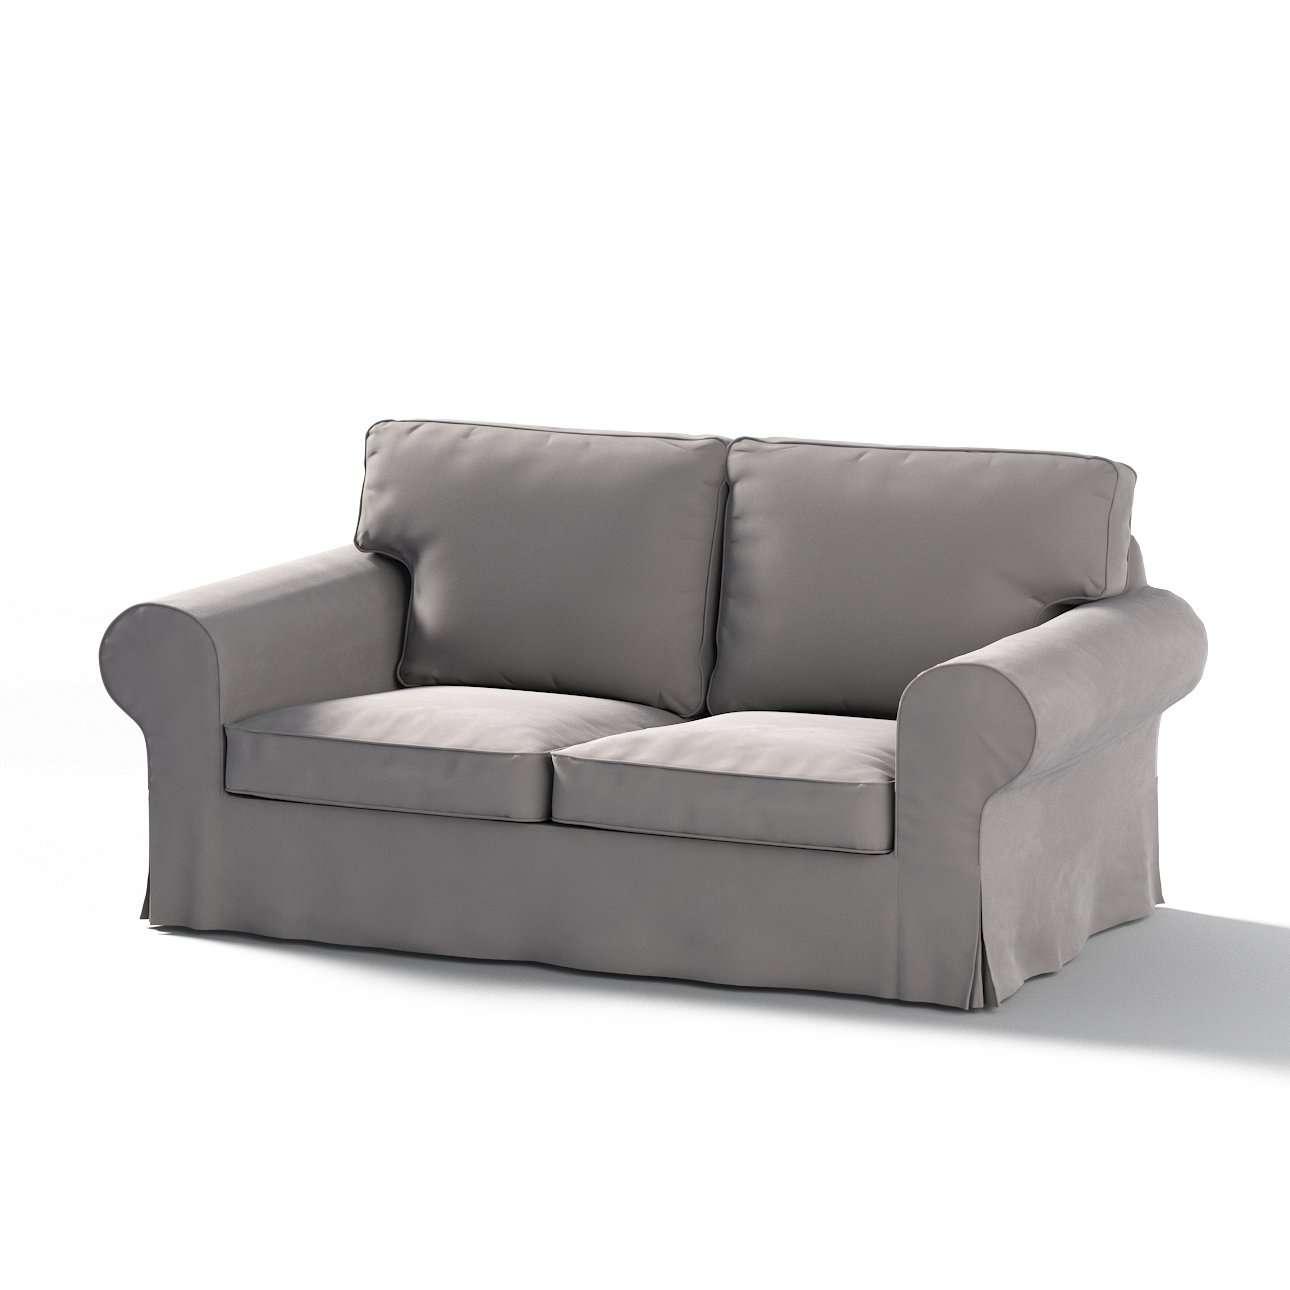 Pokrowiec na sofę Ektorp 2-osobową rozkładaną, model po 2012 w kolekcji Velvet, tkanina: 704-11